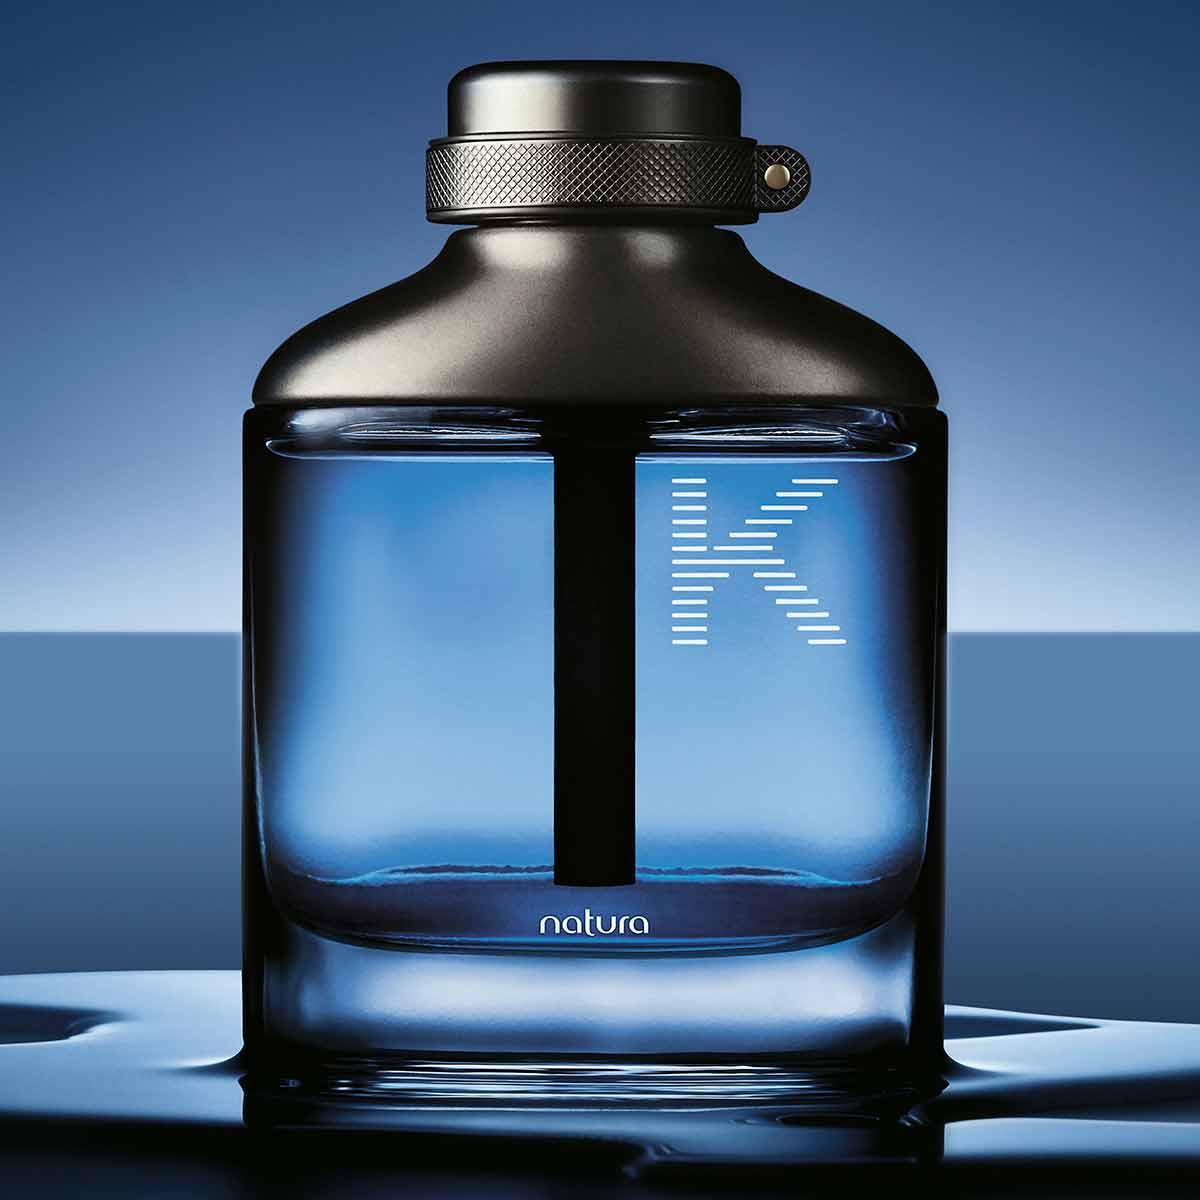 Natura K Perfume Masculino 100ml